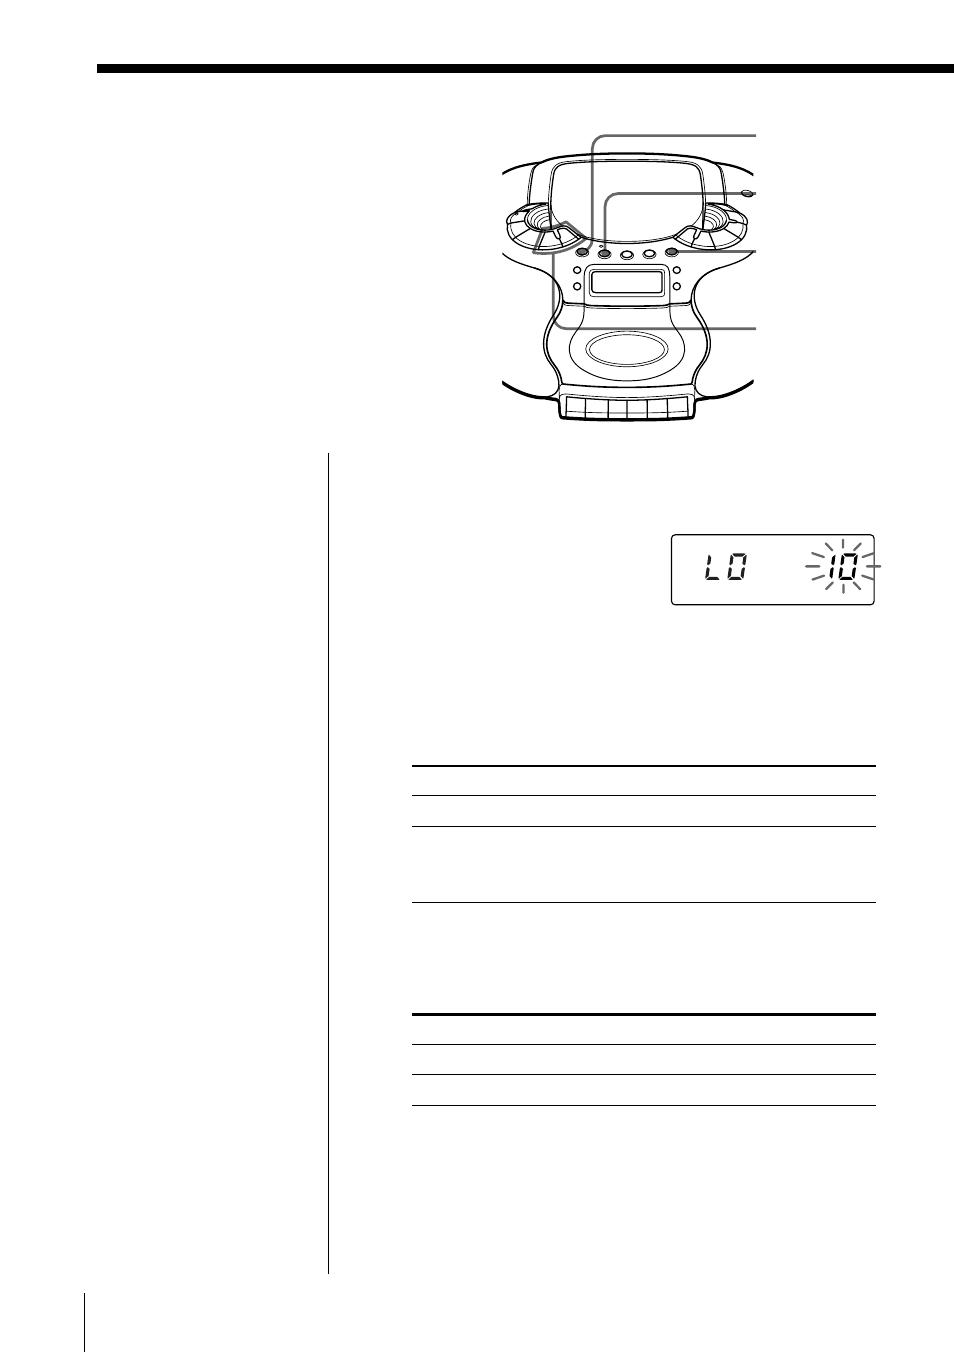 ... Array - uso del temporizador de cuenta atr s sony cfd e55l user manual  rh manualsdir